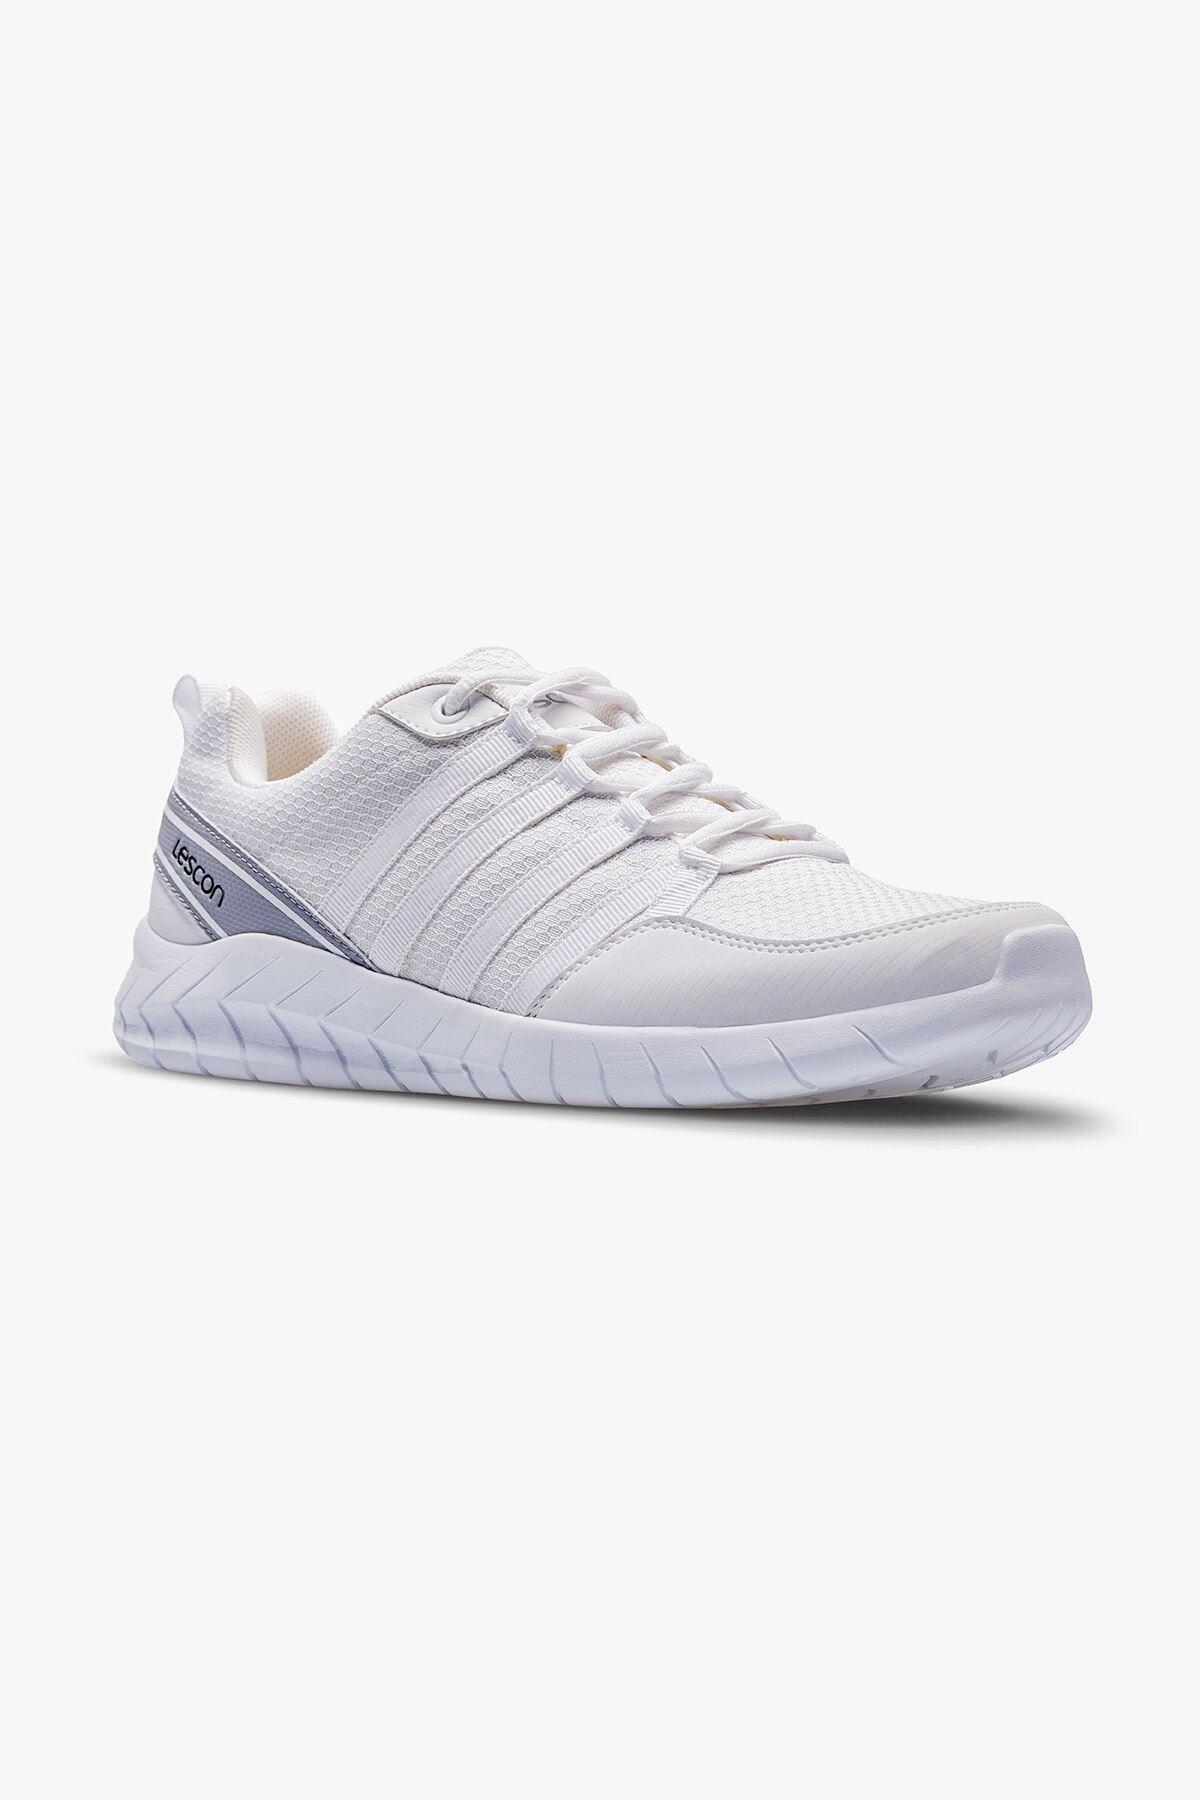 Lescon - Flex Legend-2 Beyaz Spor Kadın Ayakkabısı